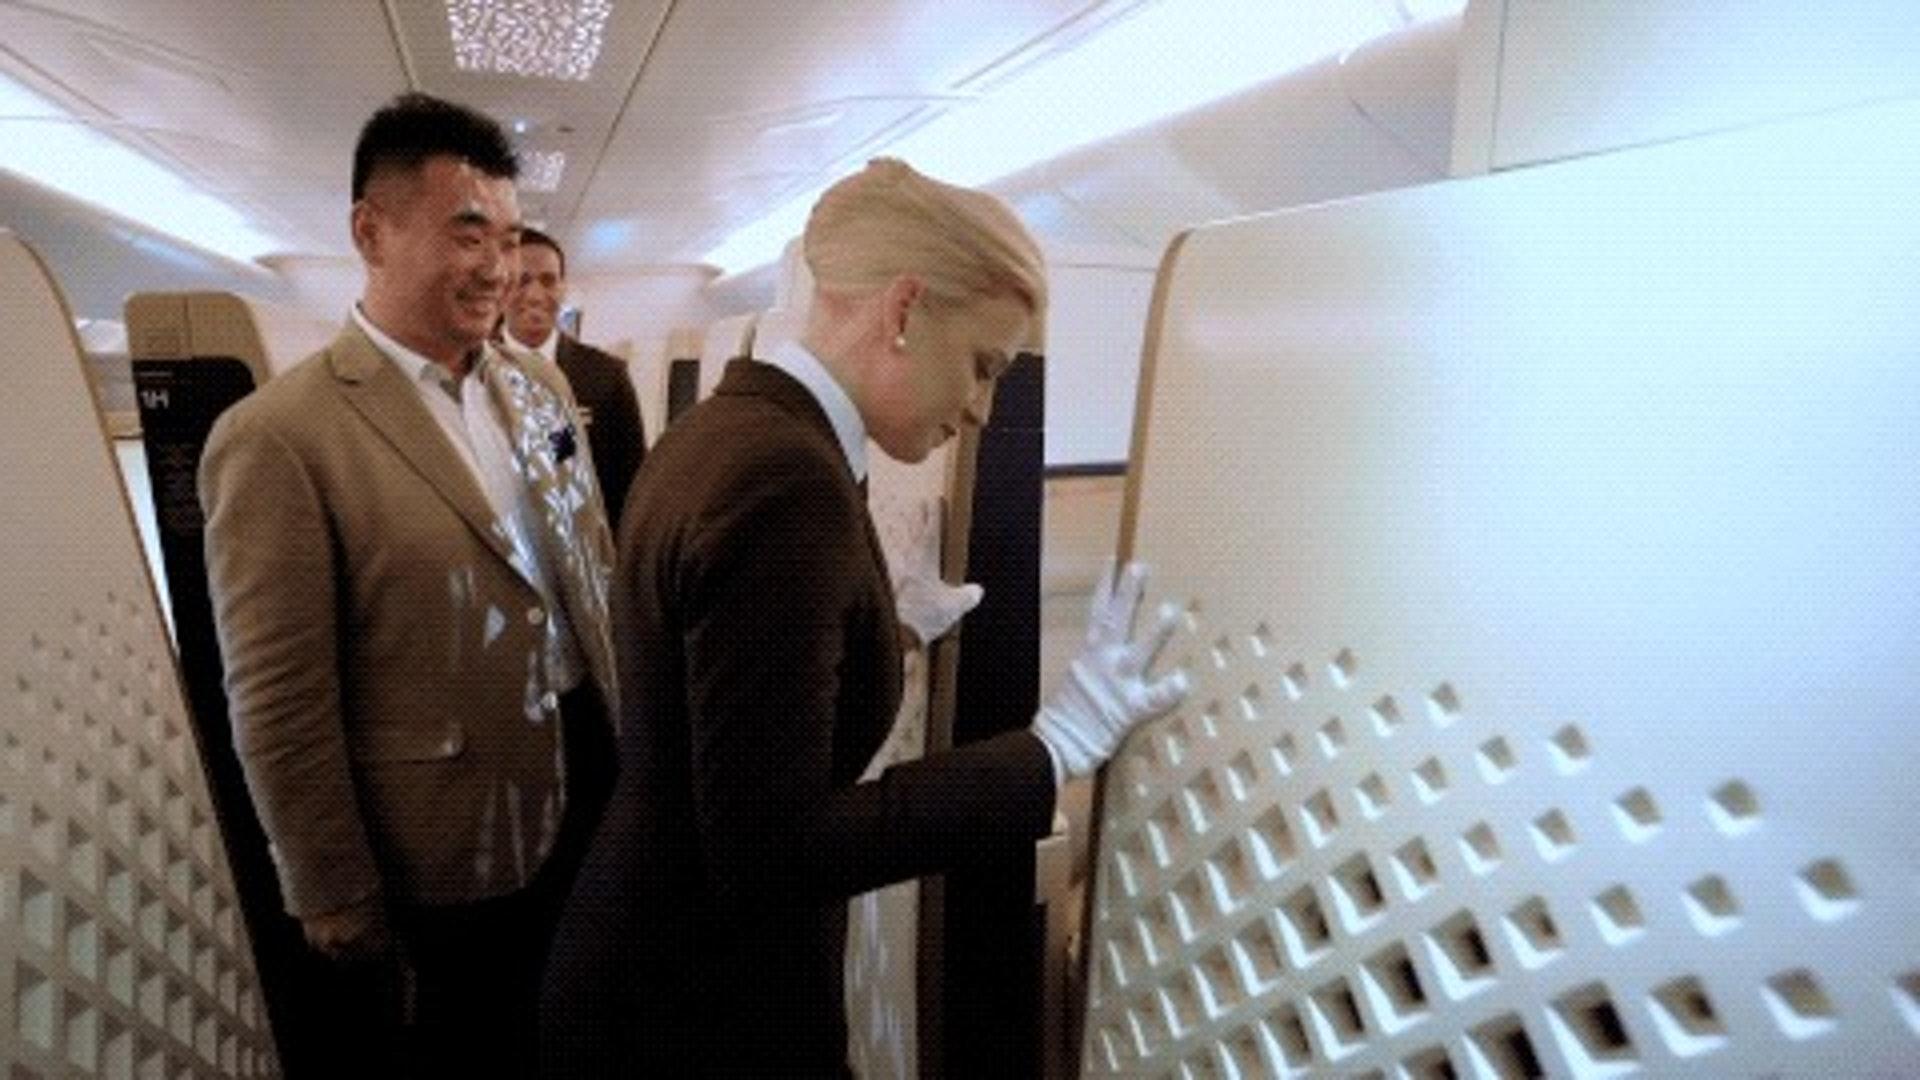 所謂的空中官邸,其實就是在空客A380飛機上由三個房間組成的大包間。飛機上有私人的衛生間、客廳、睡房。還有專門的管家服務我。(一条授權使用)